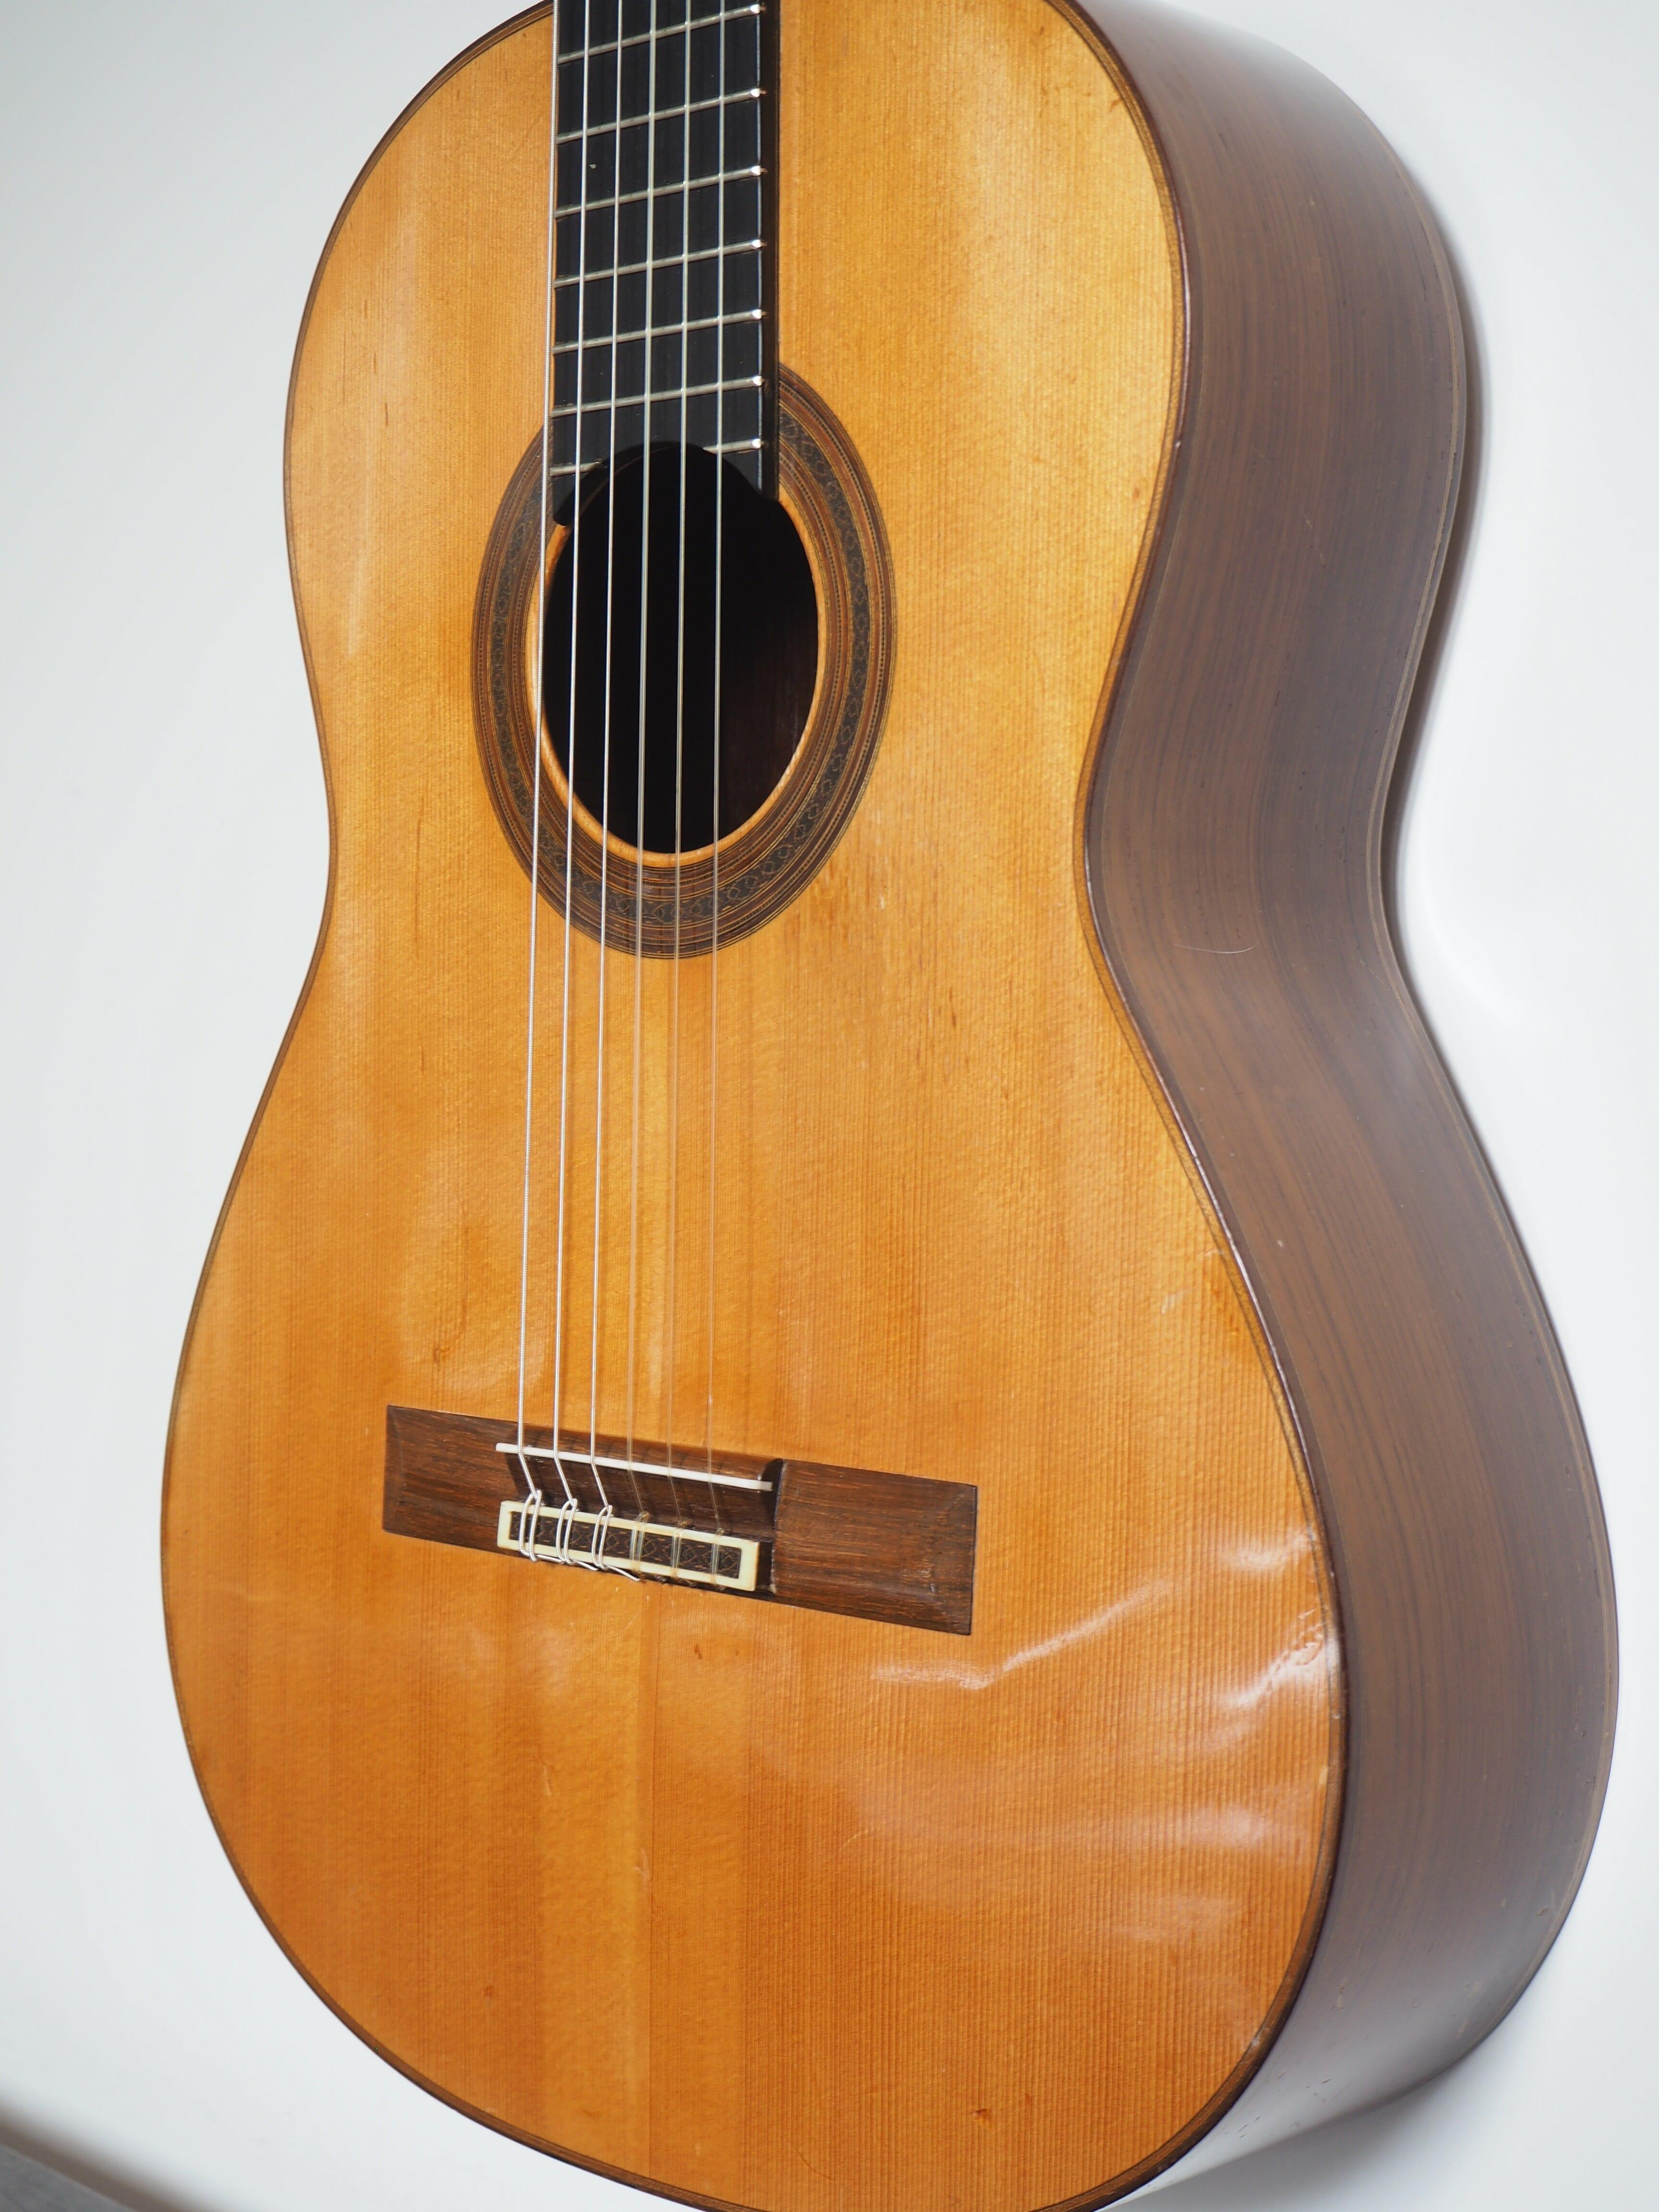 Daniel Friederich guitare classique luthier 162